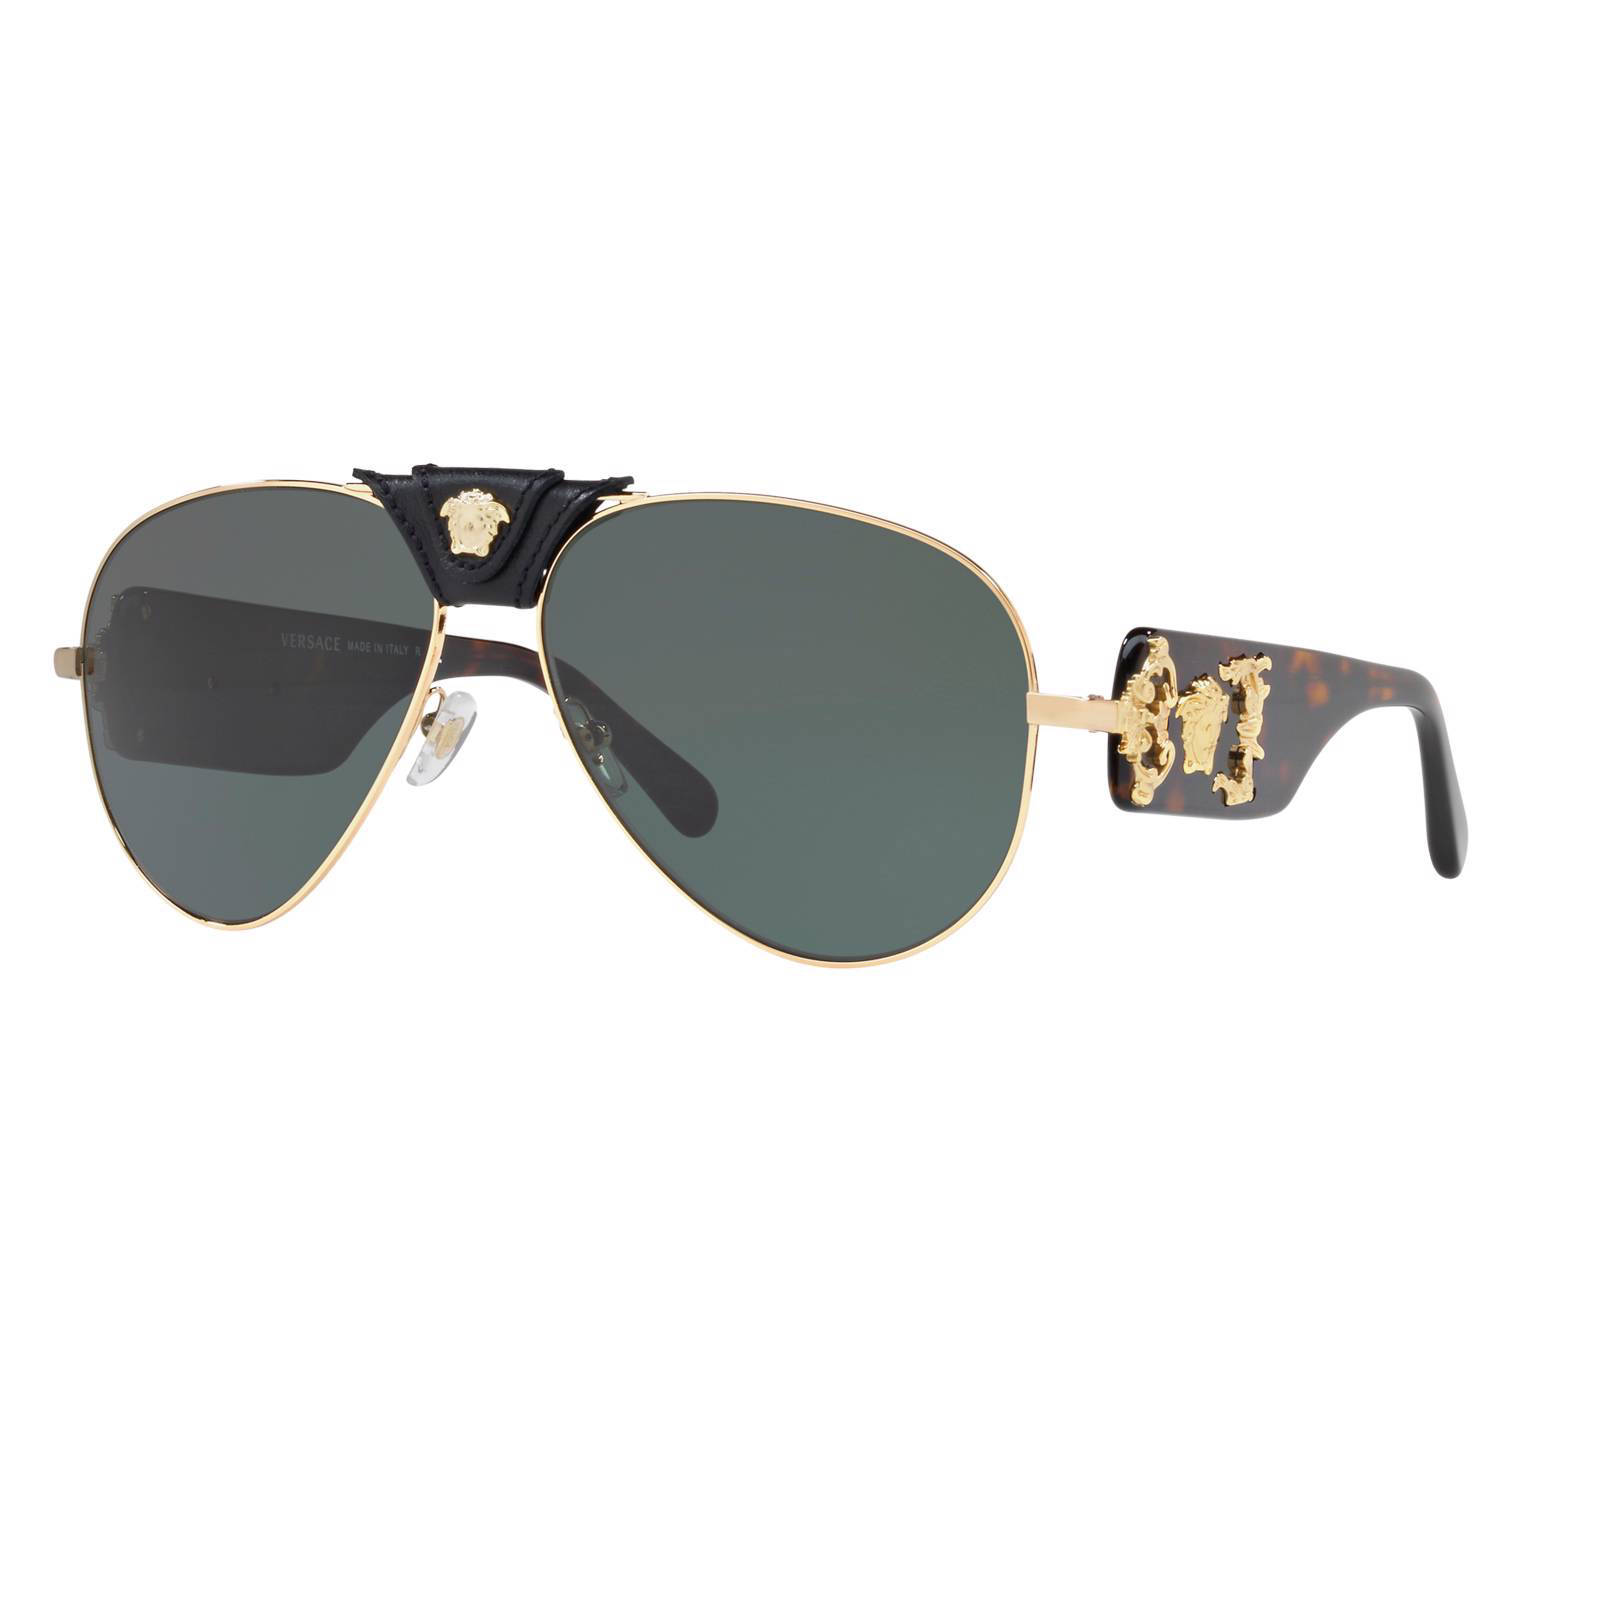 Versace zonnebril   wehkamp